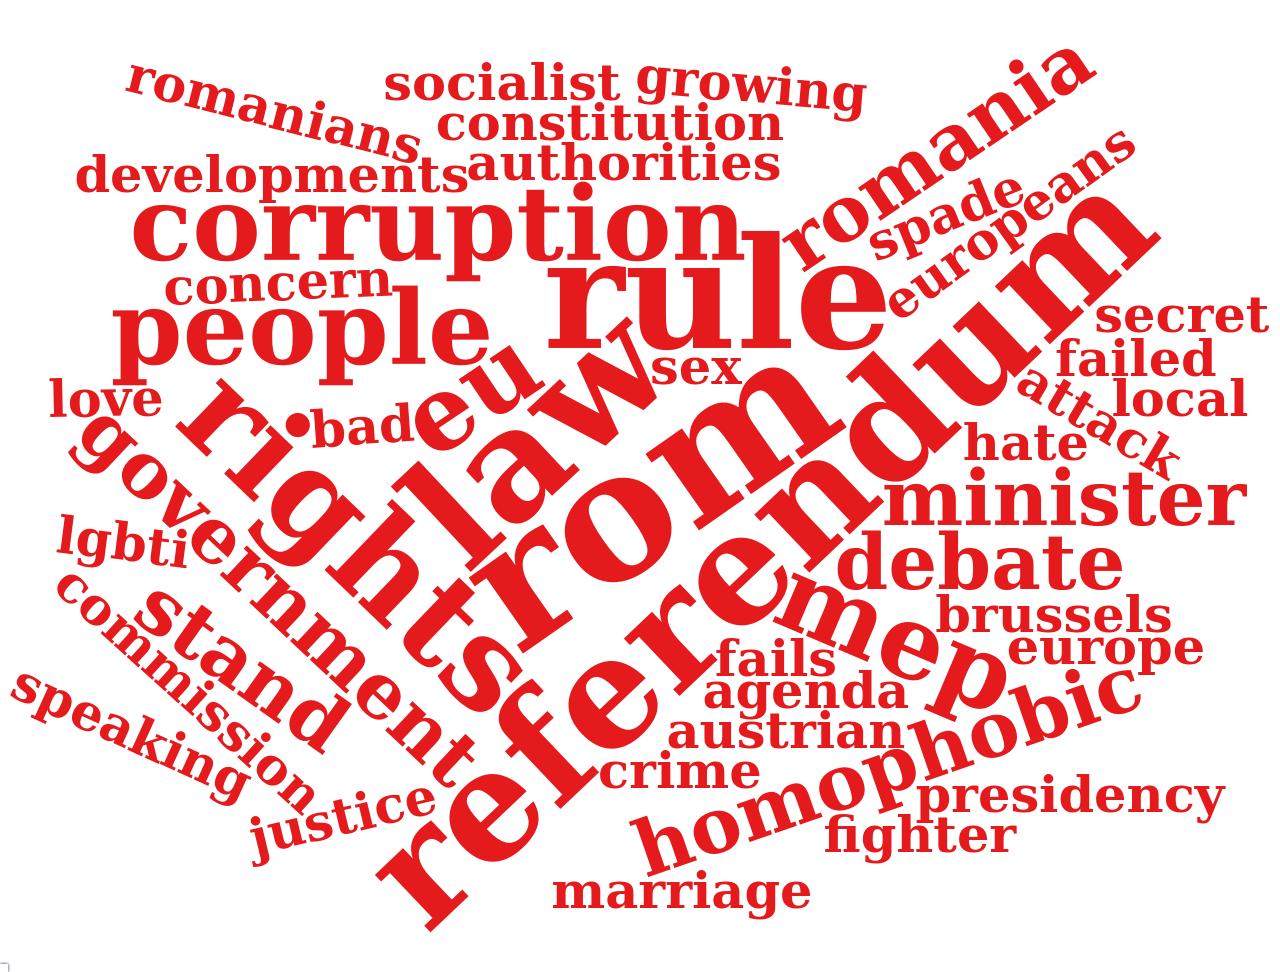 Le parole più twittate nell'ultima settimana da parlamentari europei relative alla Romania. Fonte: Quote Finder, EDJNET